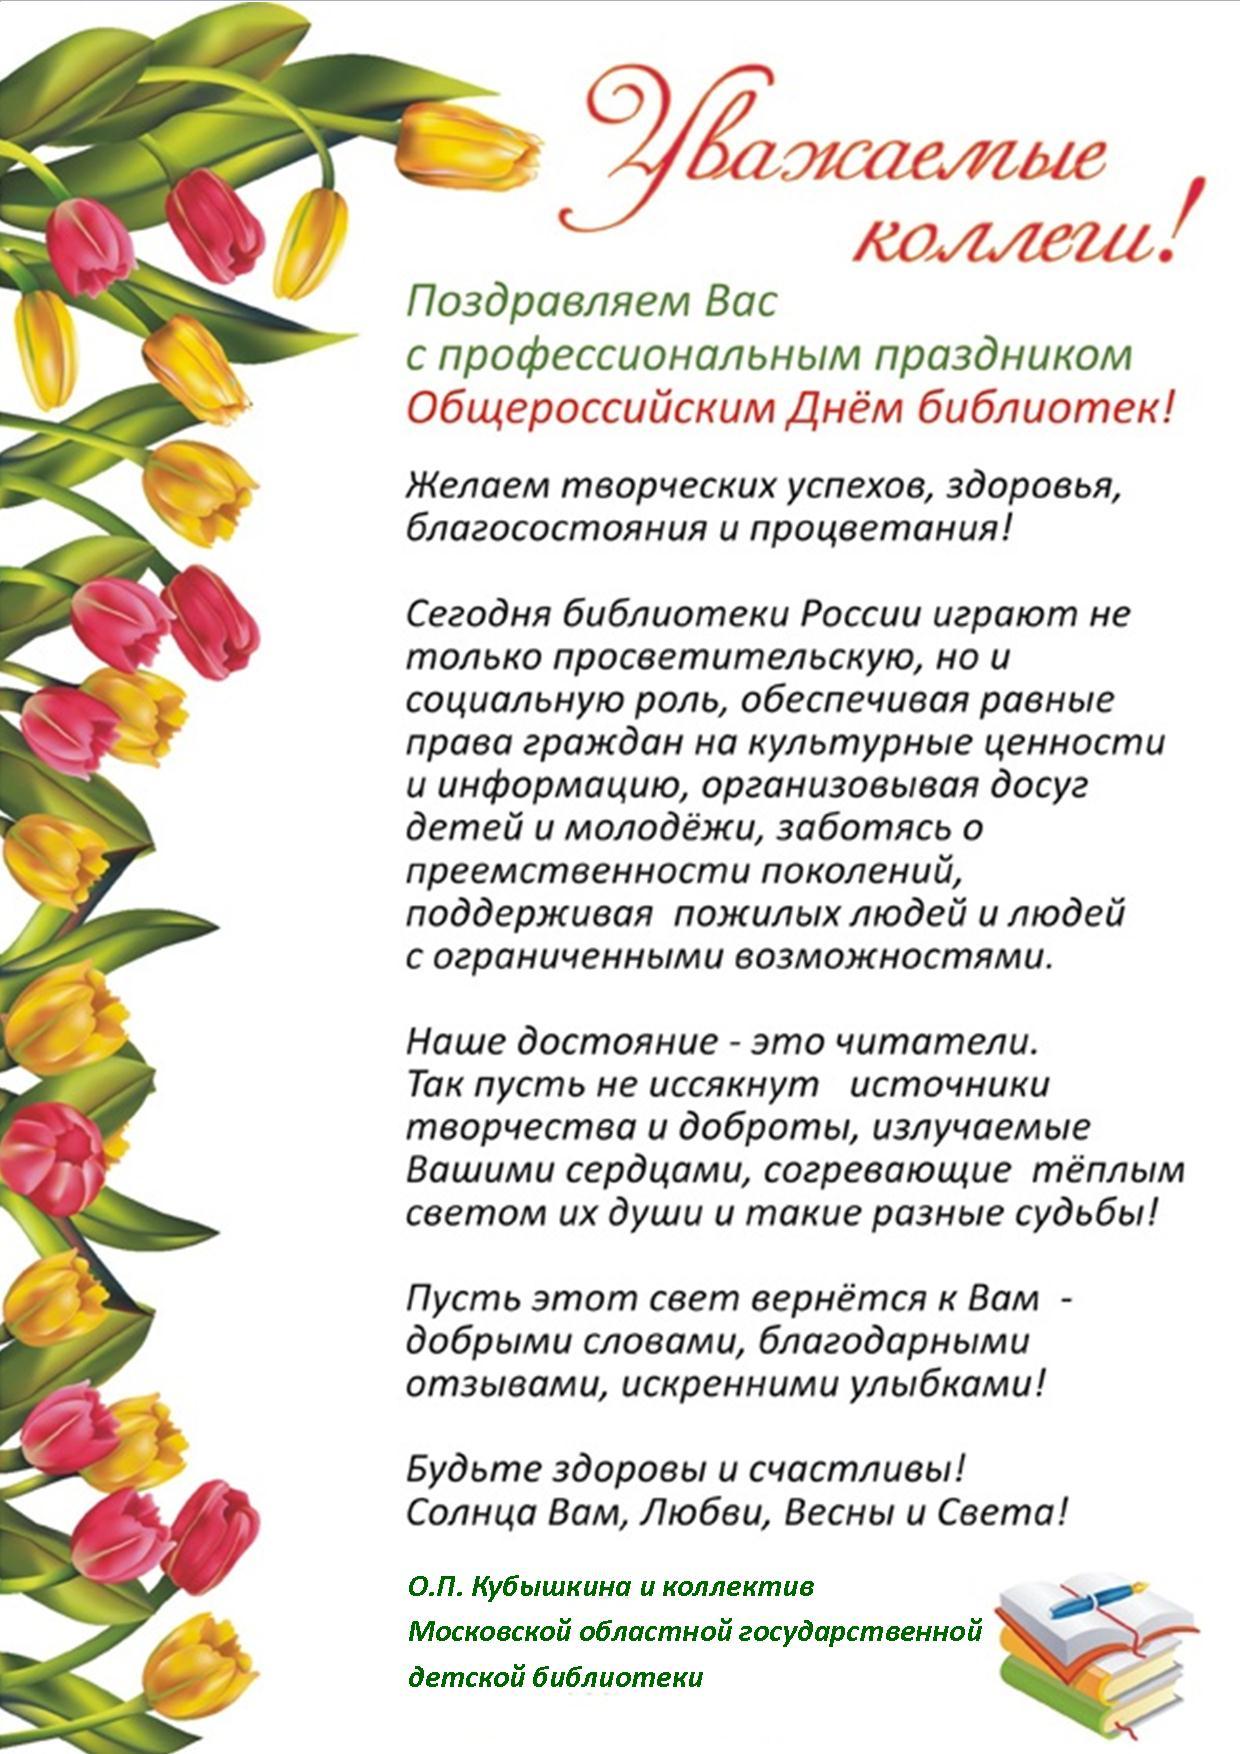 Профессиональные праздники и тексты поздравлений к ним